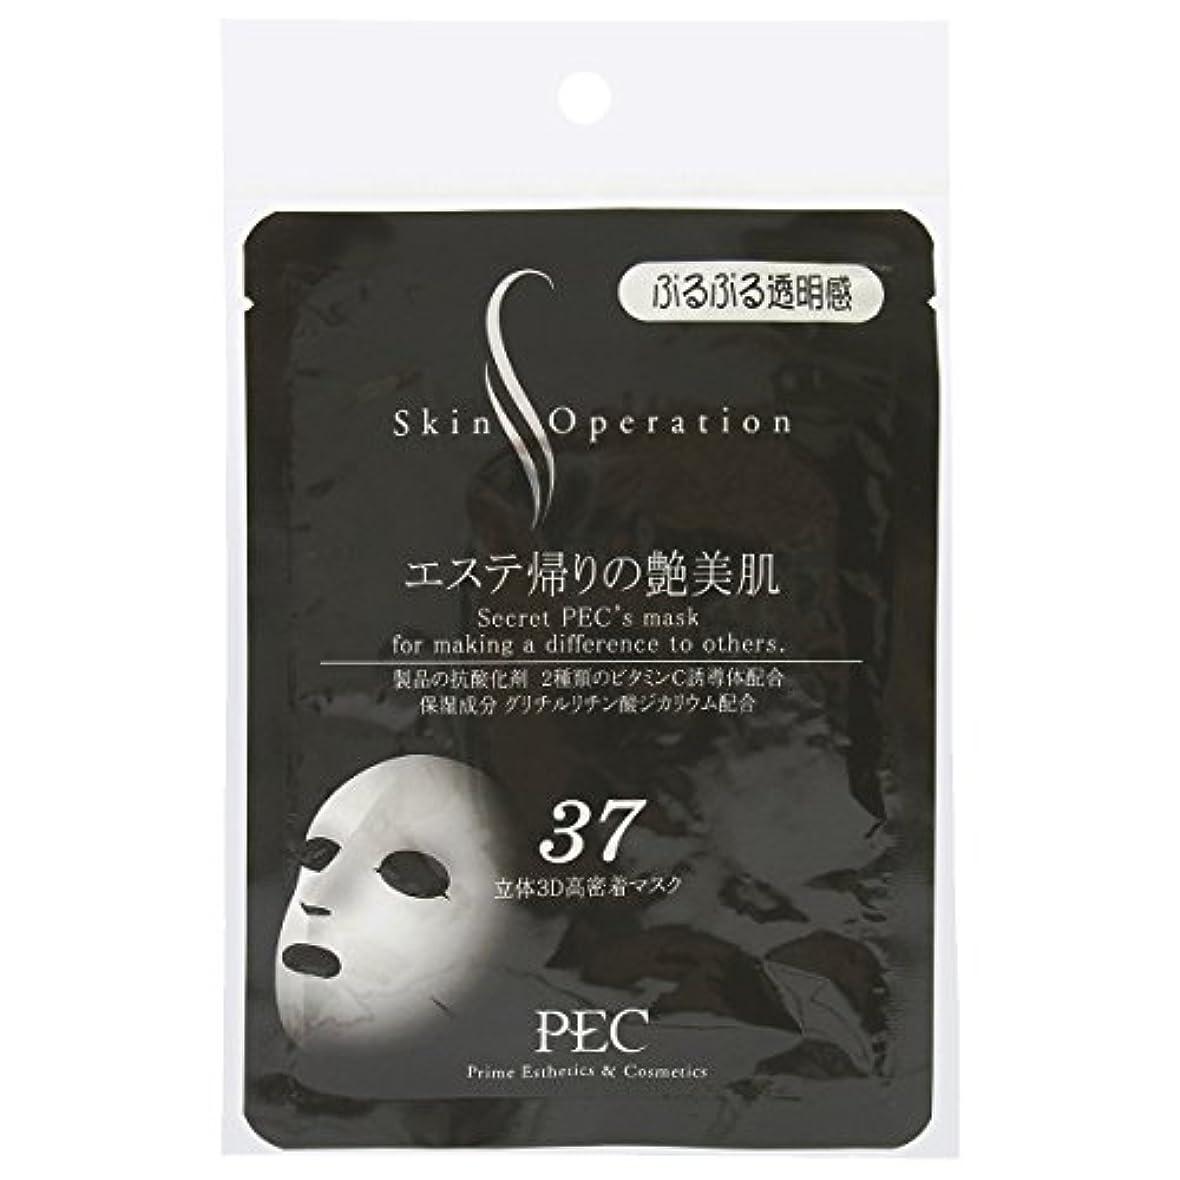 スキンオペレーション マスク37